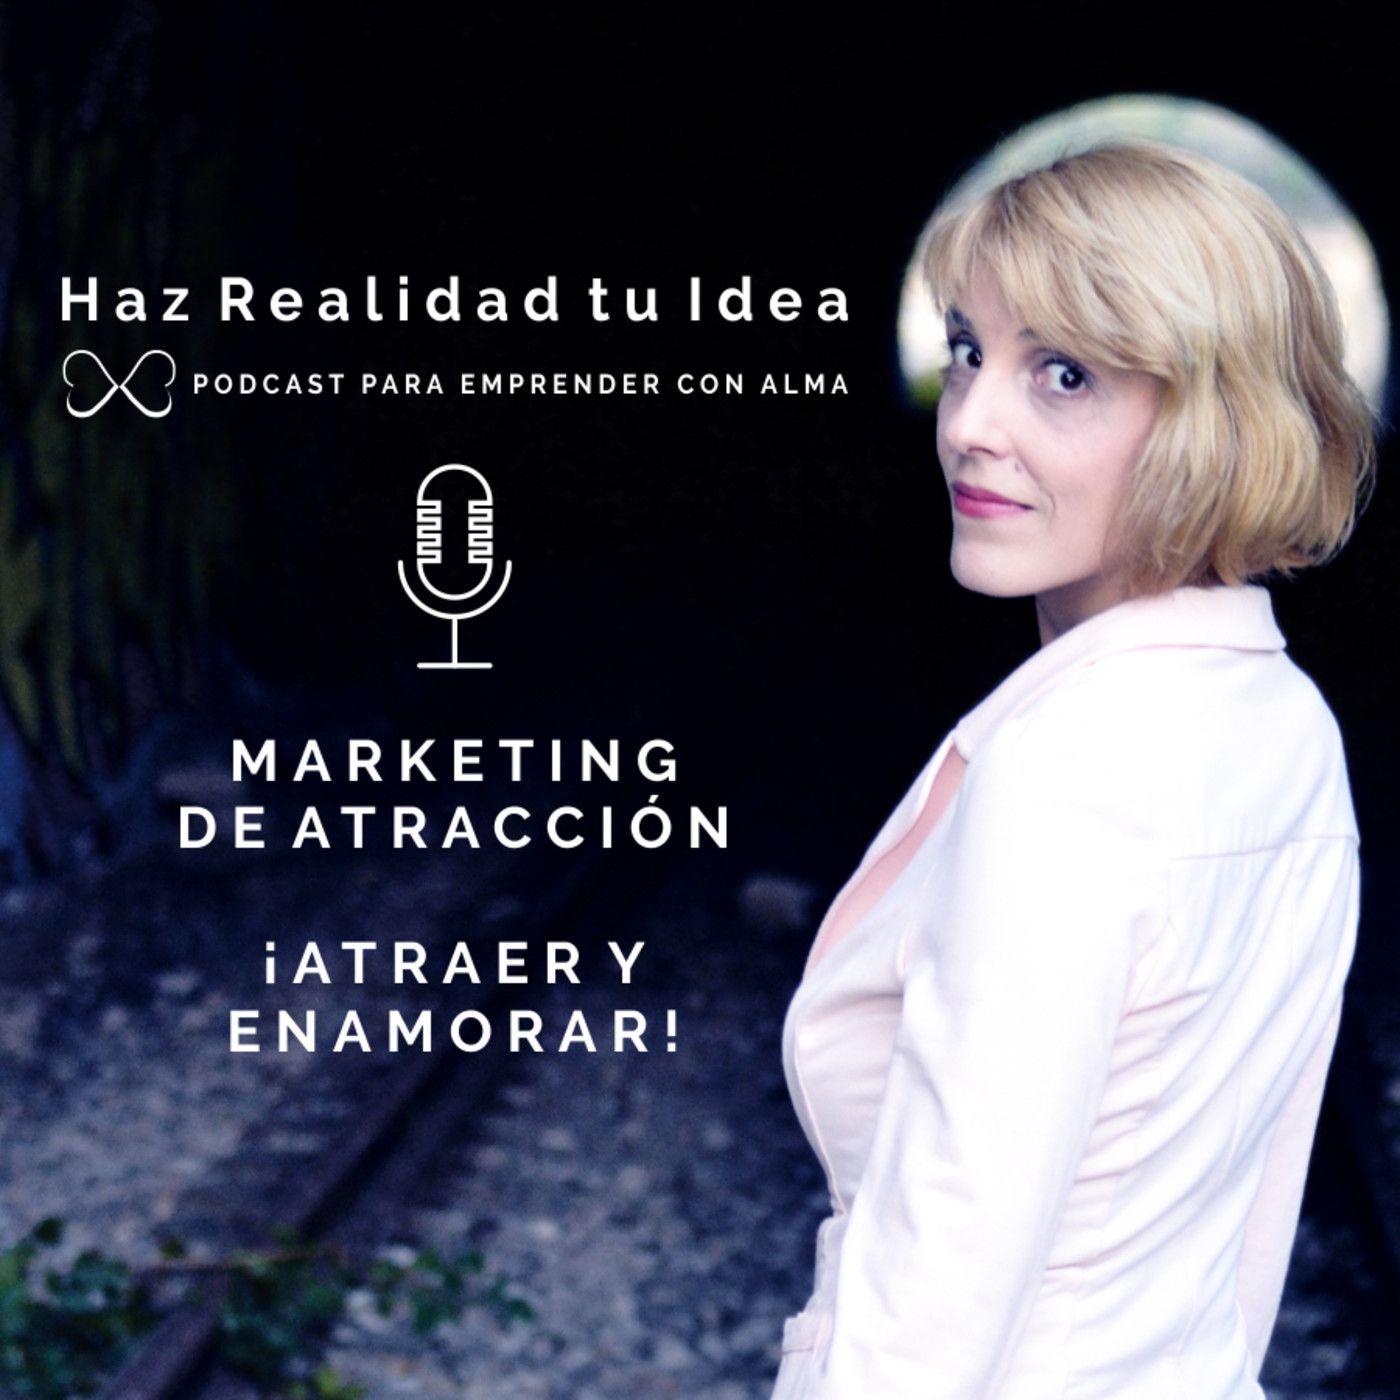 Cómo hacer marketing de atracción en internet